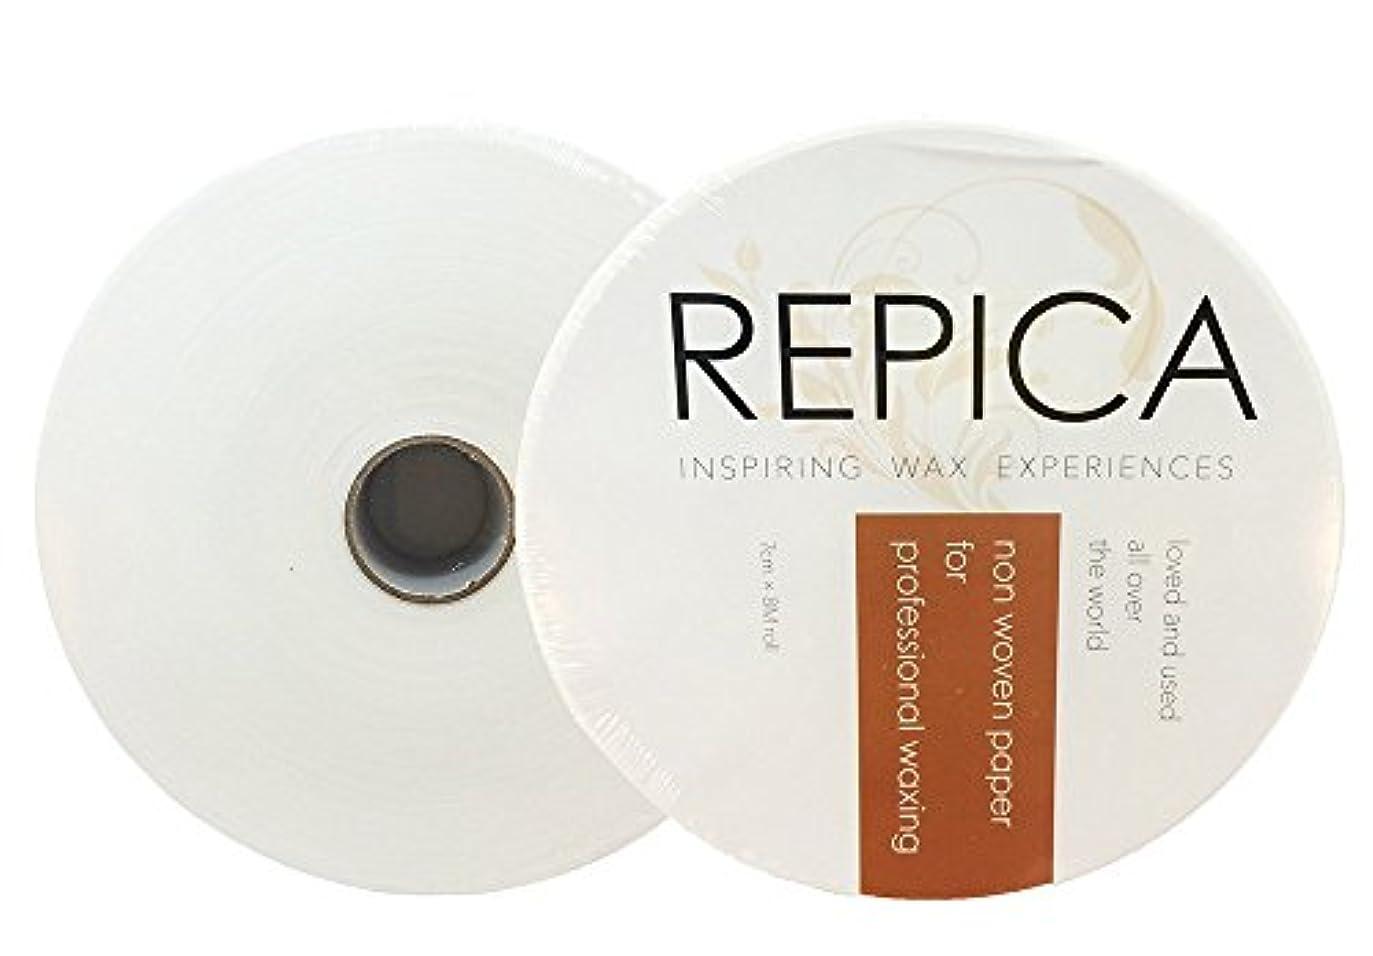 うるさい腕蒸発するREPICA ブラジリアンワックス脱毛 切取線入り ミシン目入りロールペーパー 7cmx100M 1個